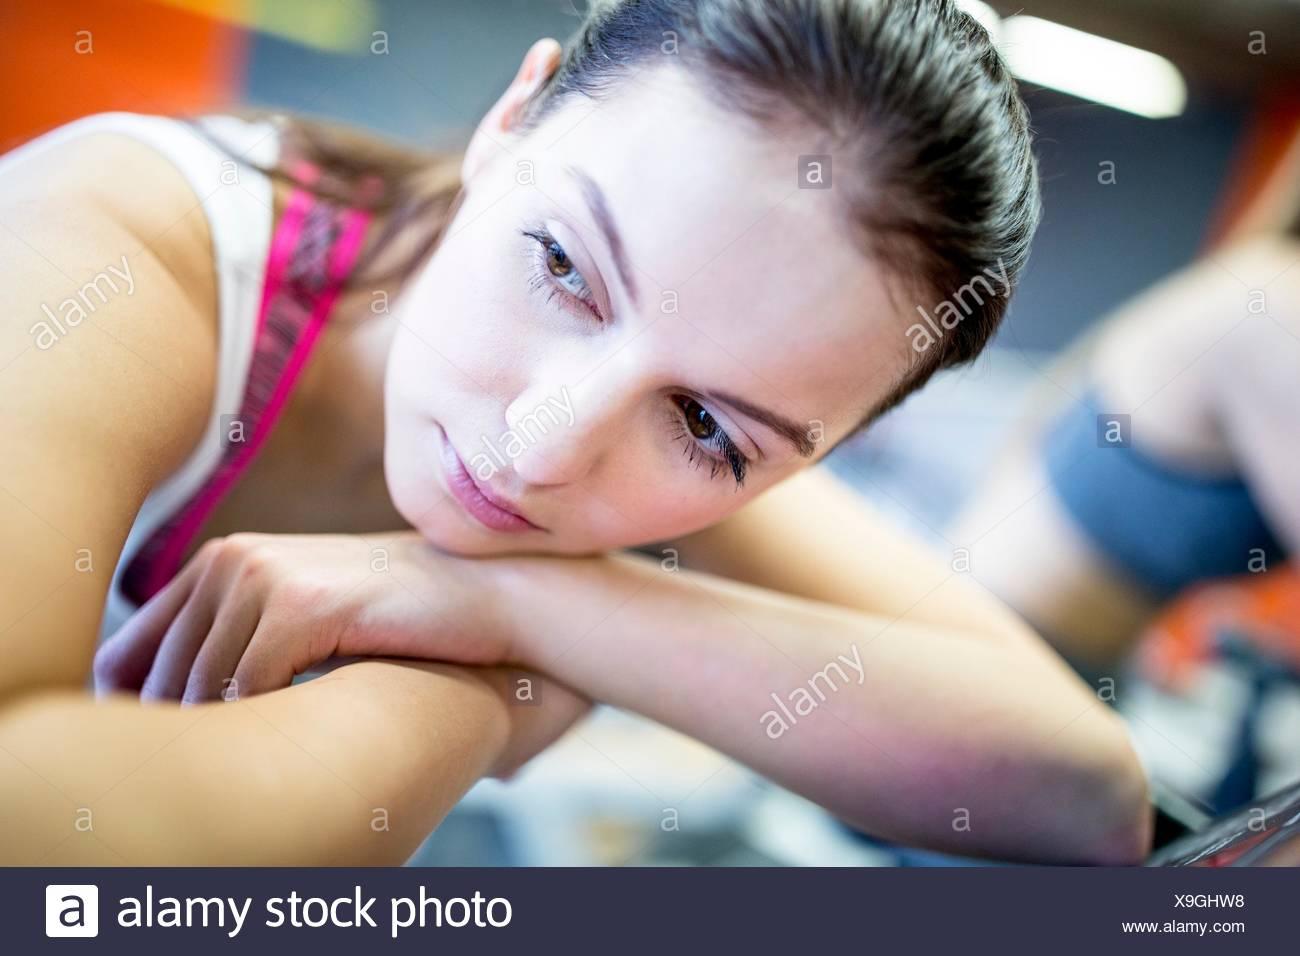 Parution de la propriété. Parution du modèle. Close-up of young woman on exercise machine dans une salle de sport. Photo Stock